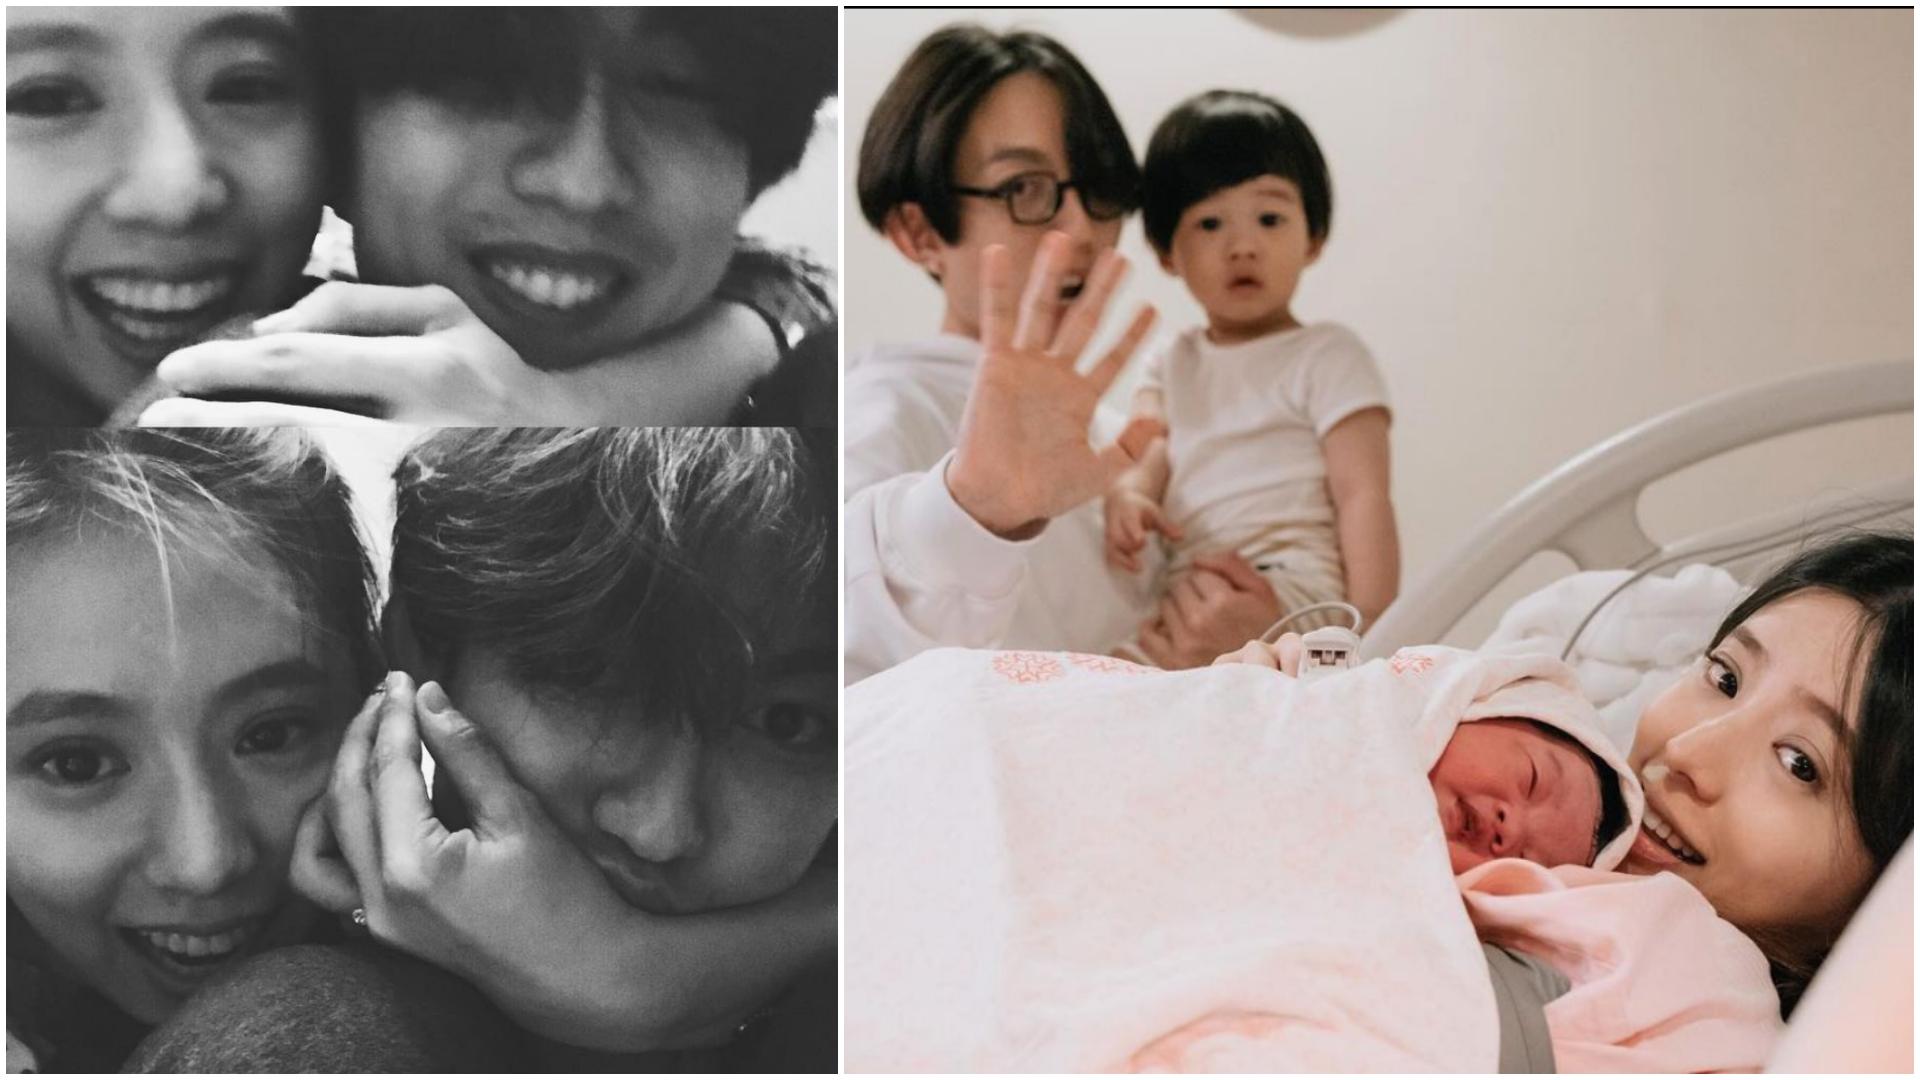 圖/翻攝自丁文琪IG 林宥嘉3歲兒許願「再一個妹妹」 丁文琪回答網暴動